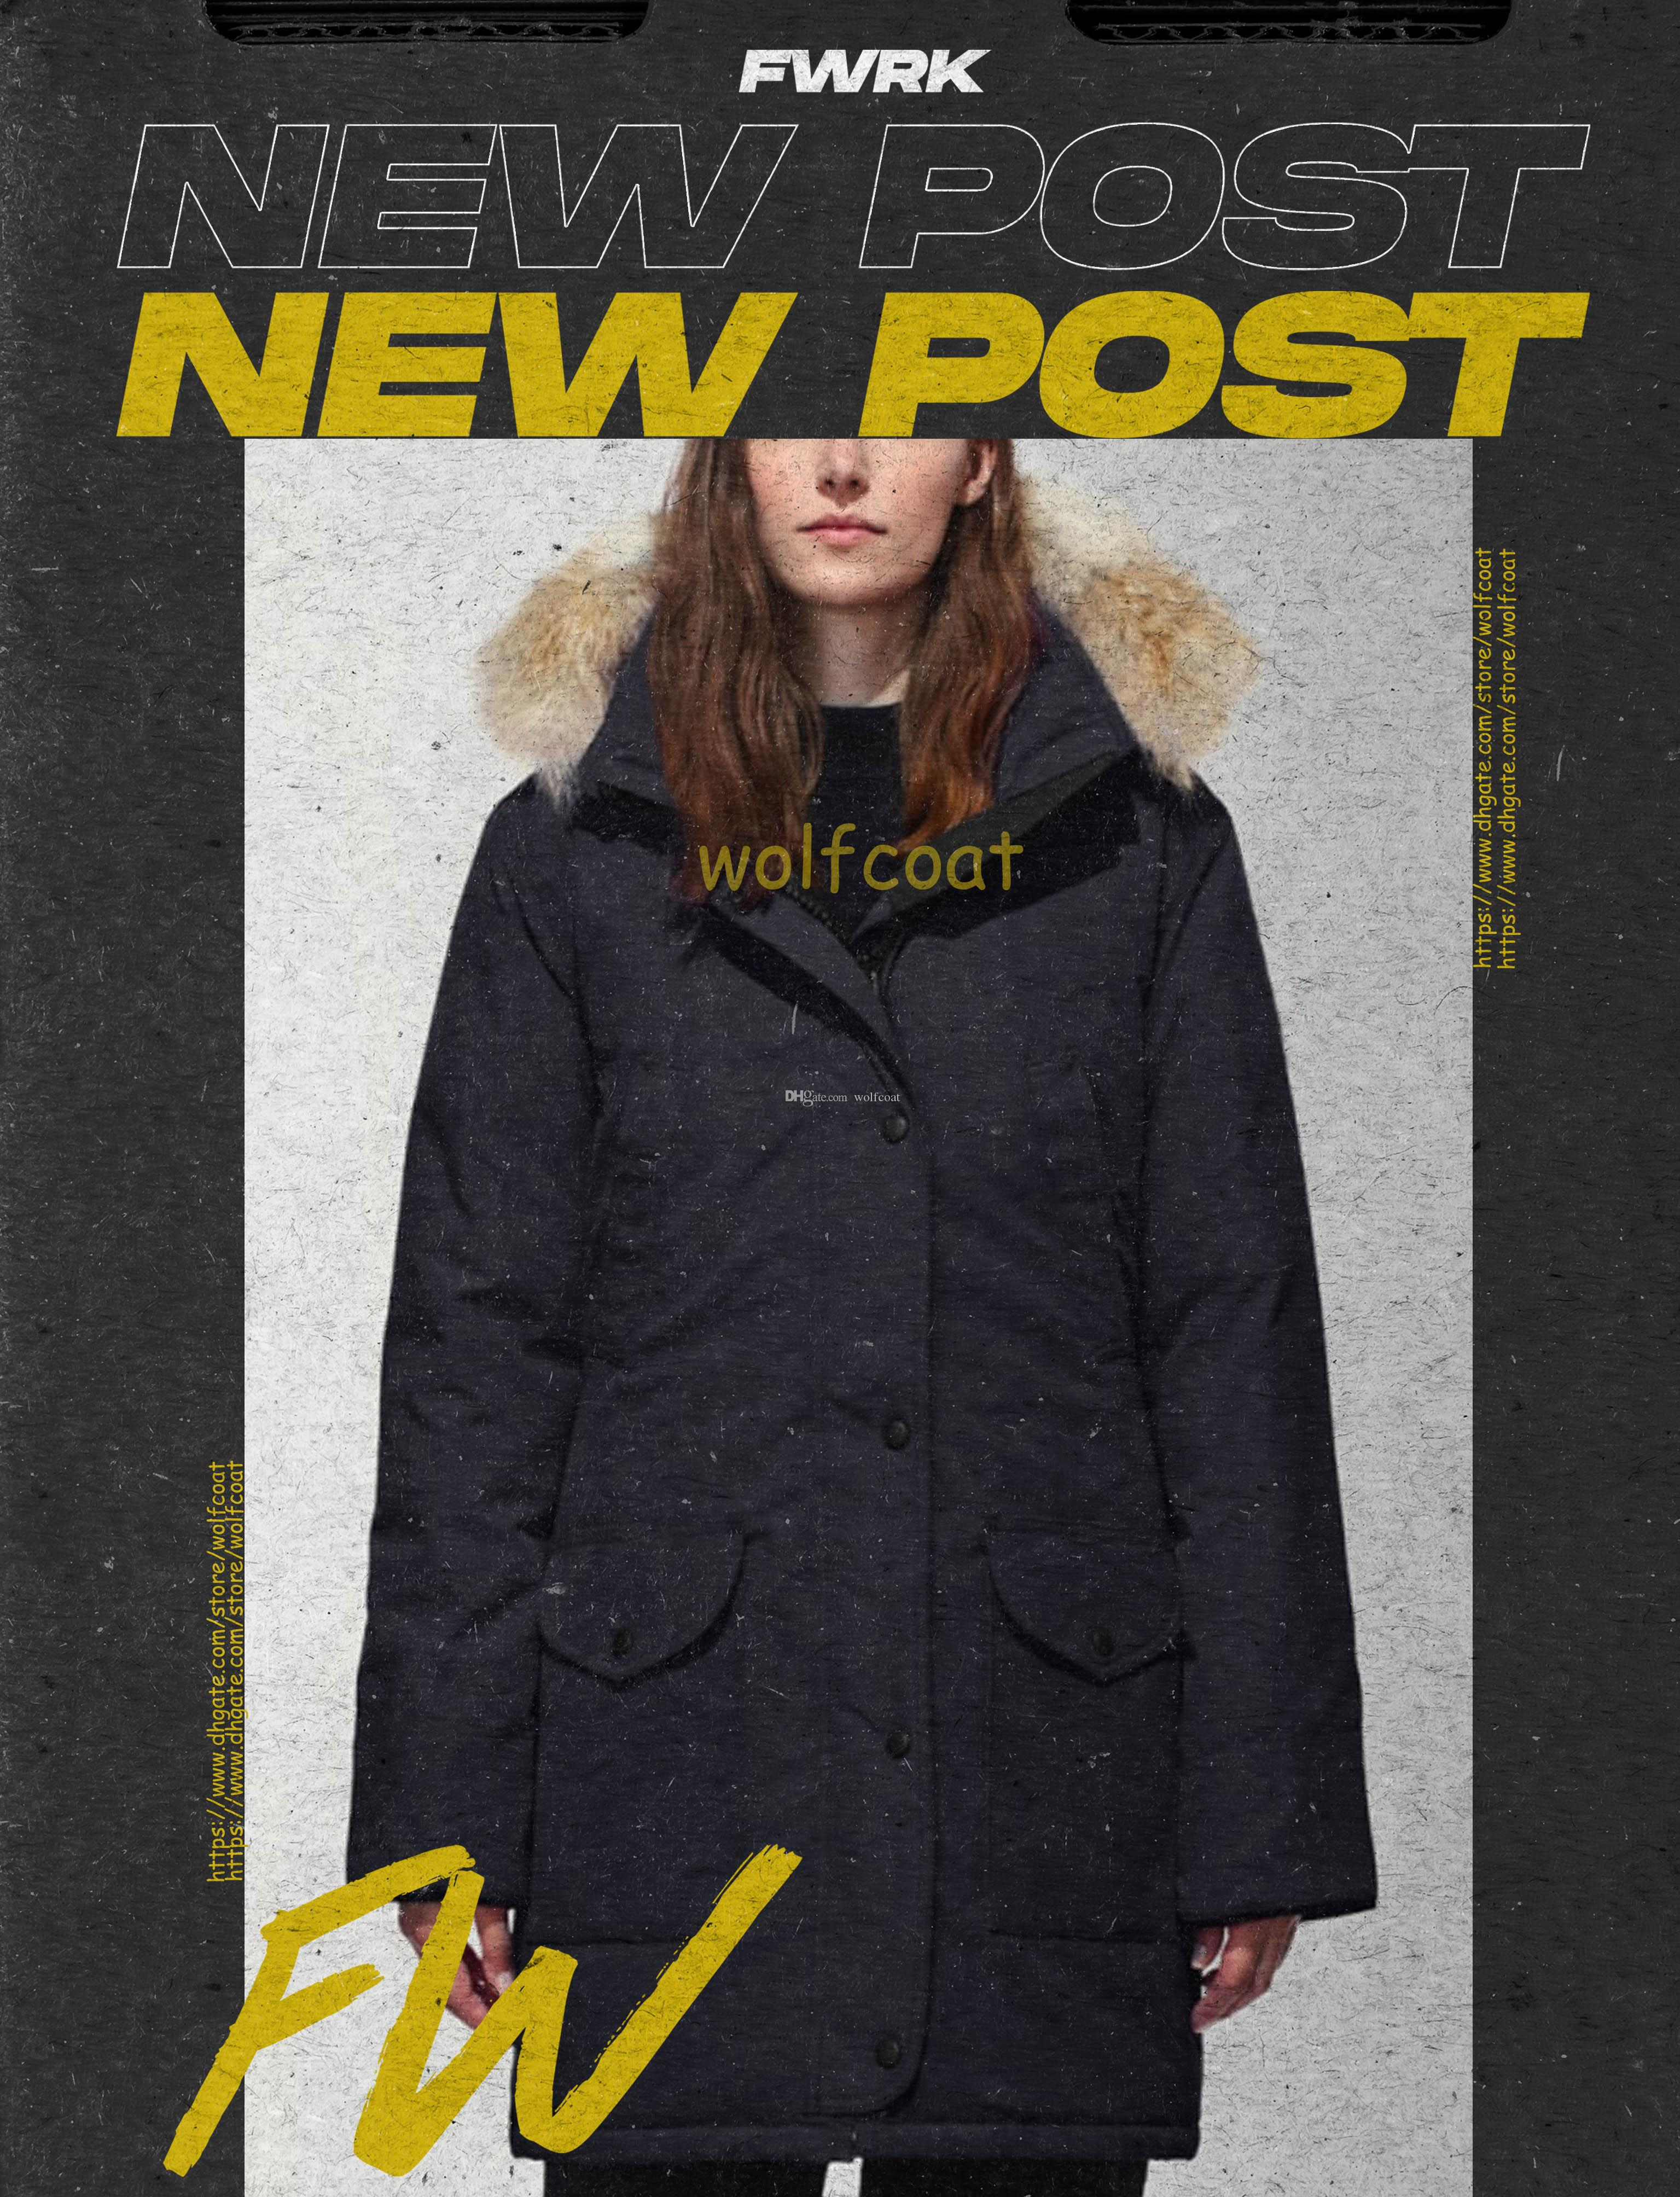 Üst Parkas Kış Kadın Aşağı Kanada Ceket Kadın Giyim Ceket Renk Palto Kalite İyi Parka Klasik Moda